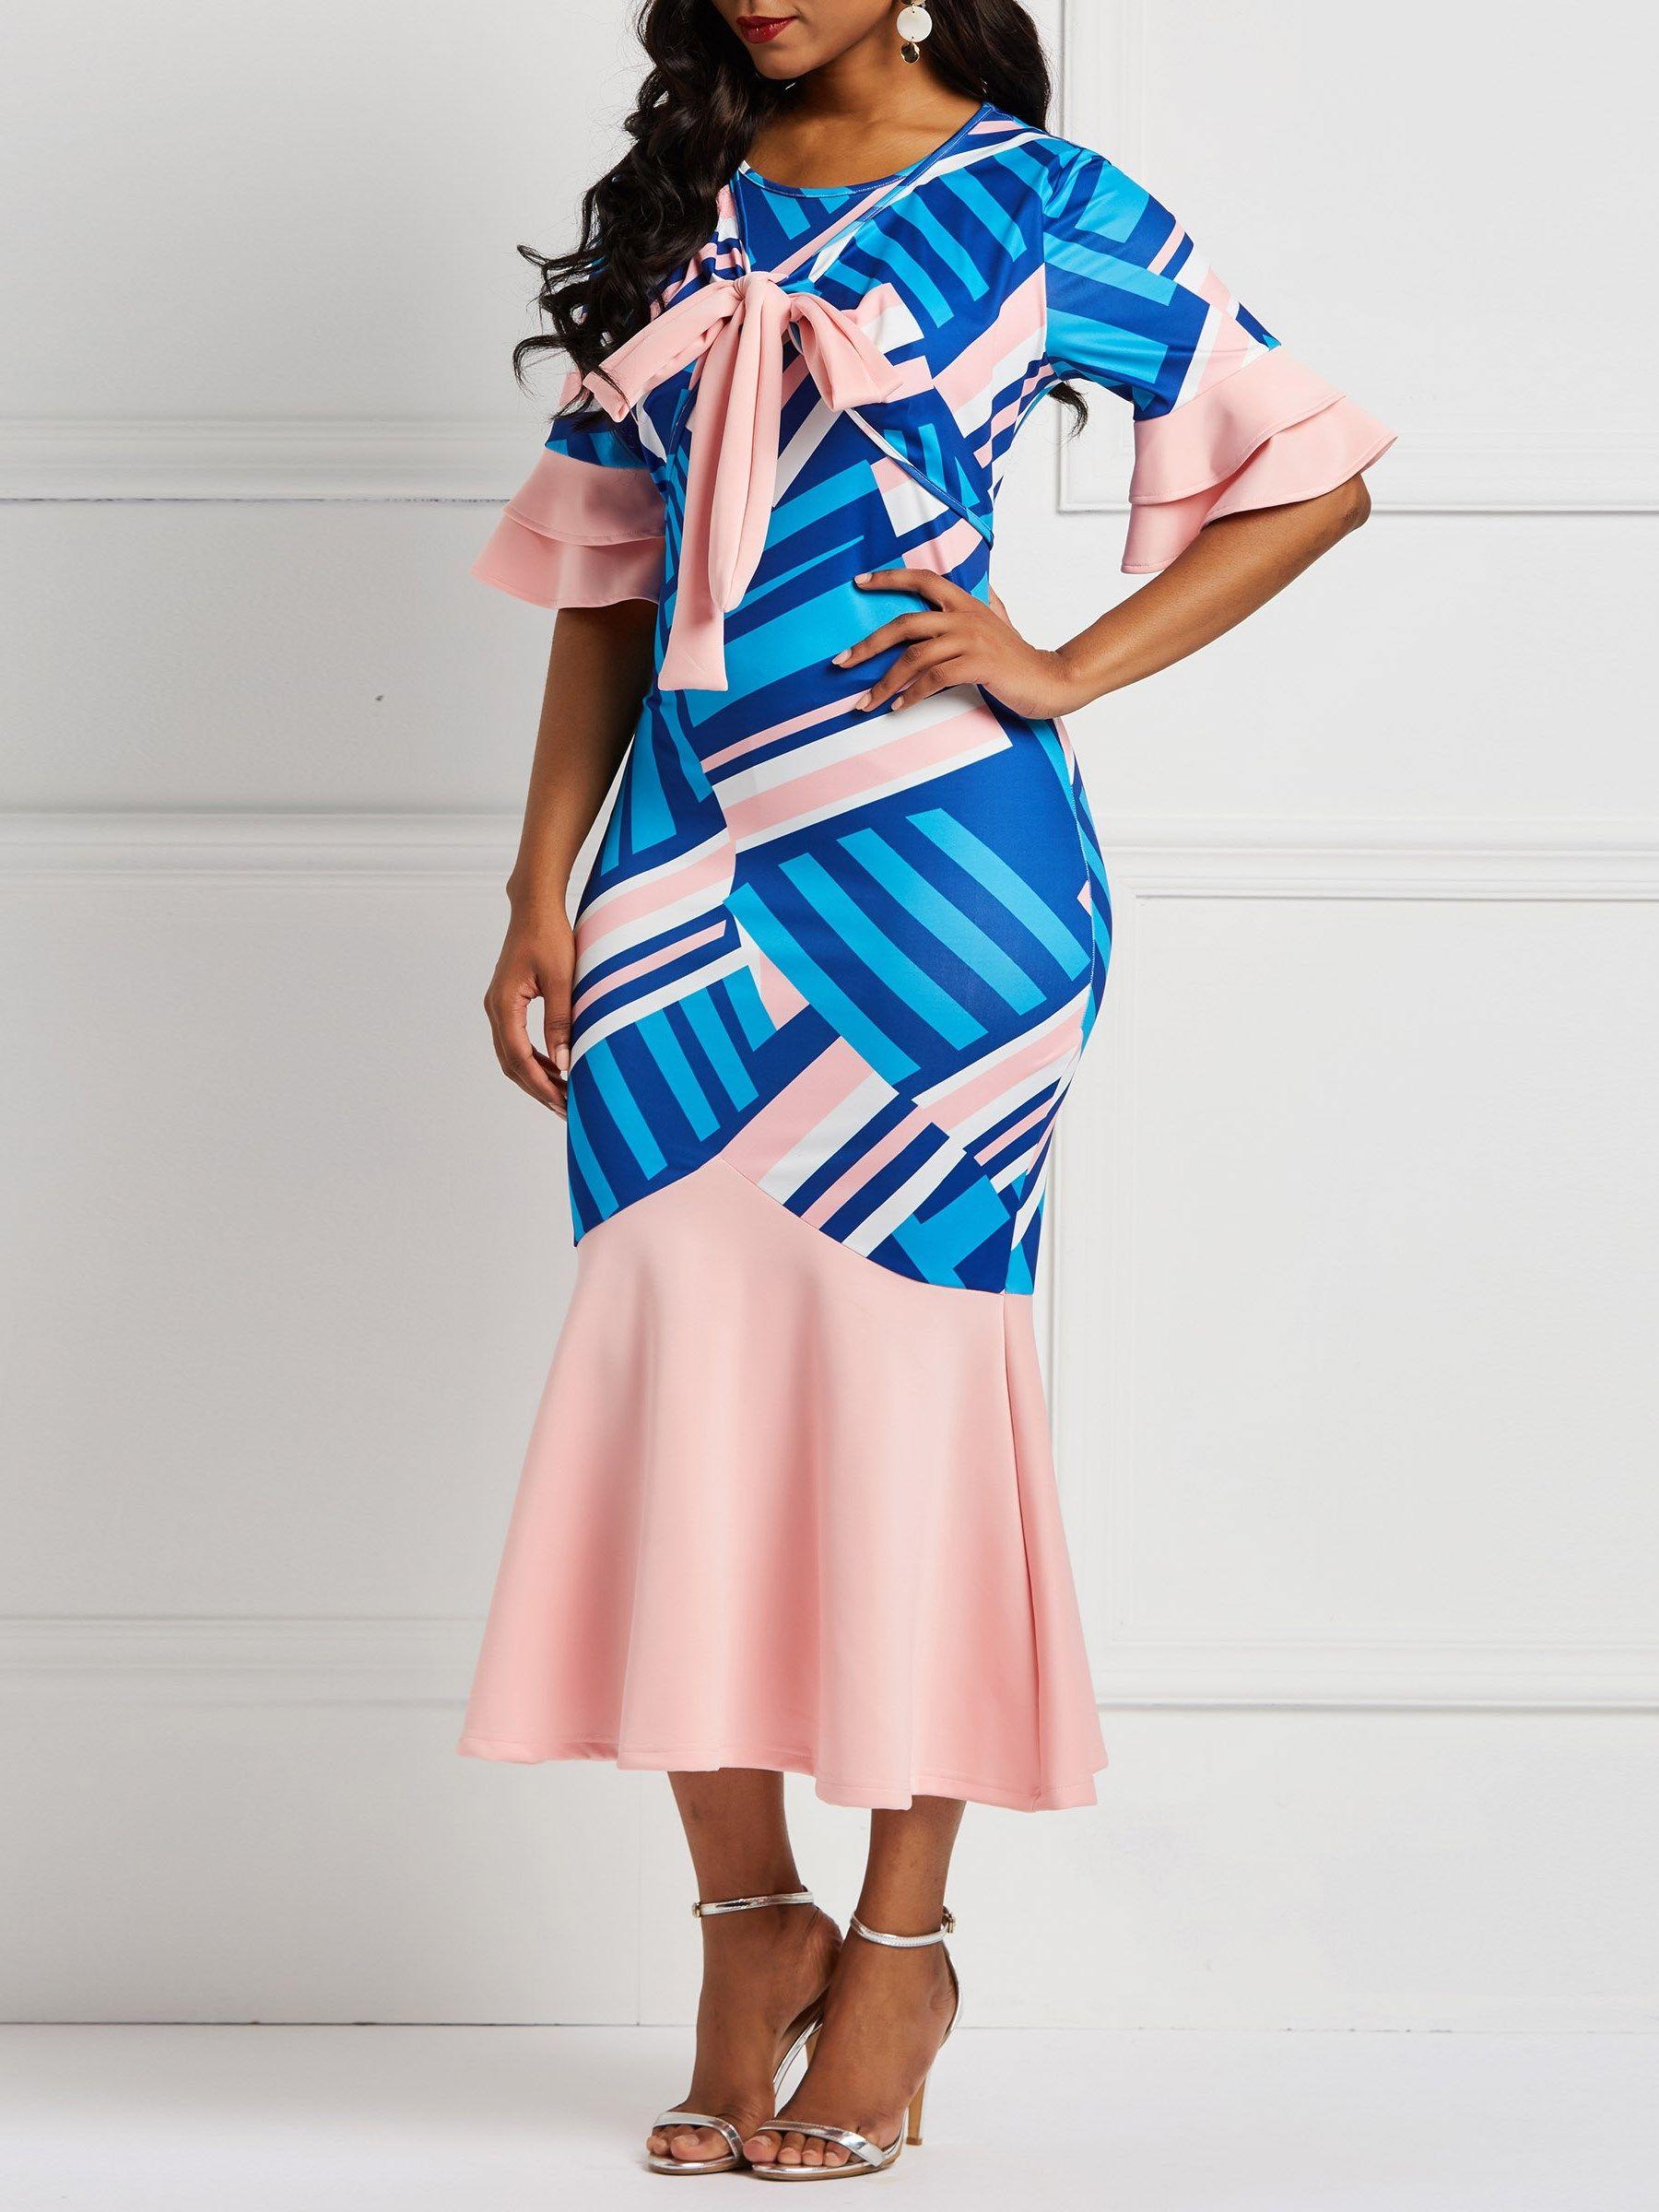 413b2a7af Ericdress Bowknot Falbala Sleeve Geometric Print Dresses #ericdressreviews,# ericdress fashion reviews,#ericdress beauty  reviews,#womenfashion,#newarrivals,